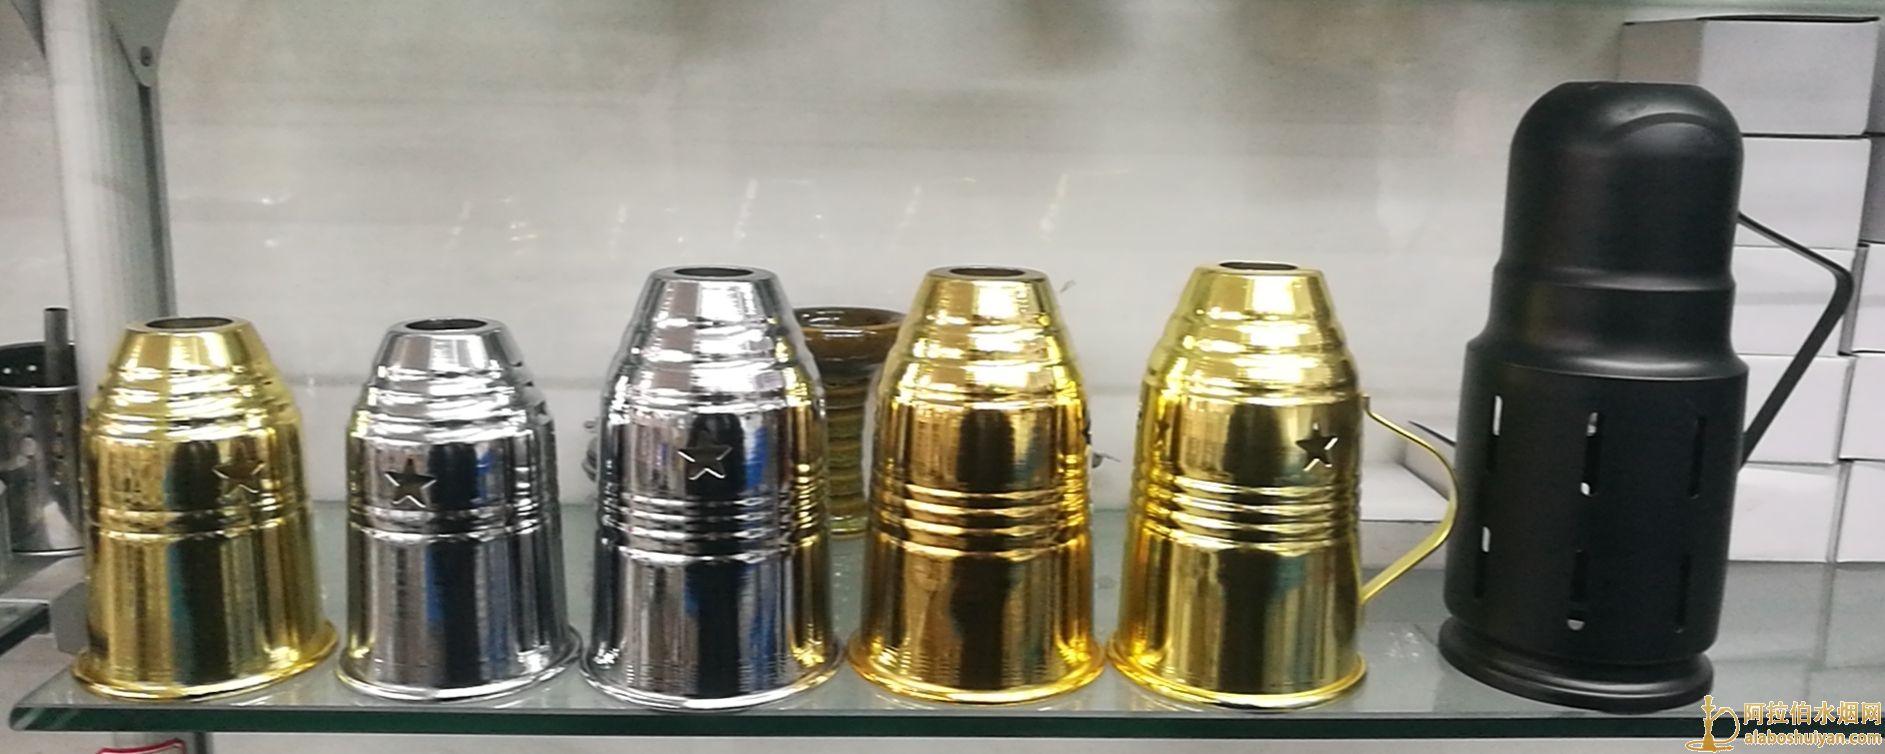 黑色带手柄金色金属带手柄不带手柄大的小的阿拉伯水烟防风罩